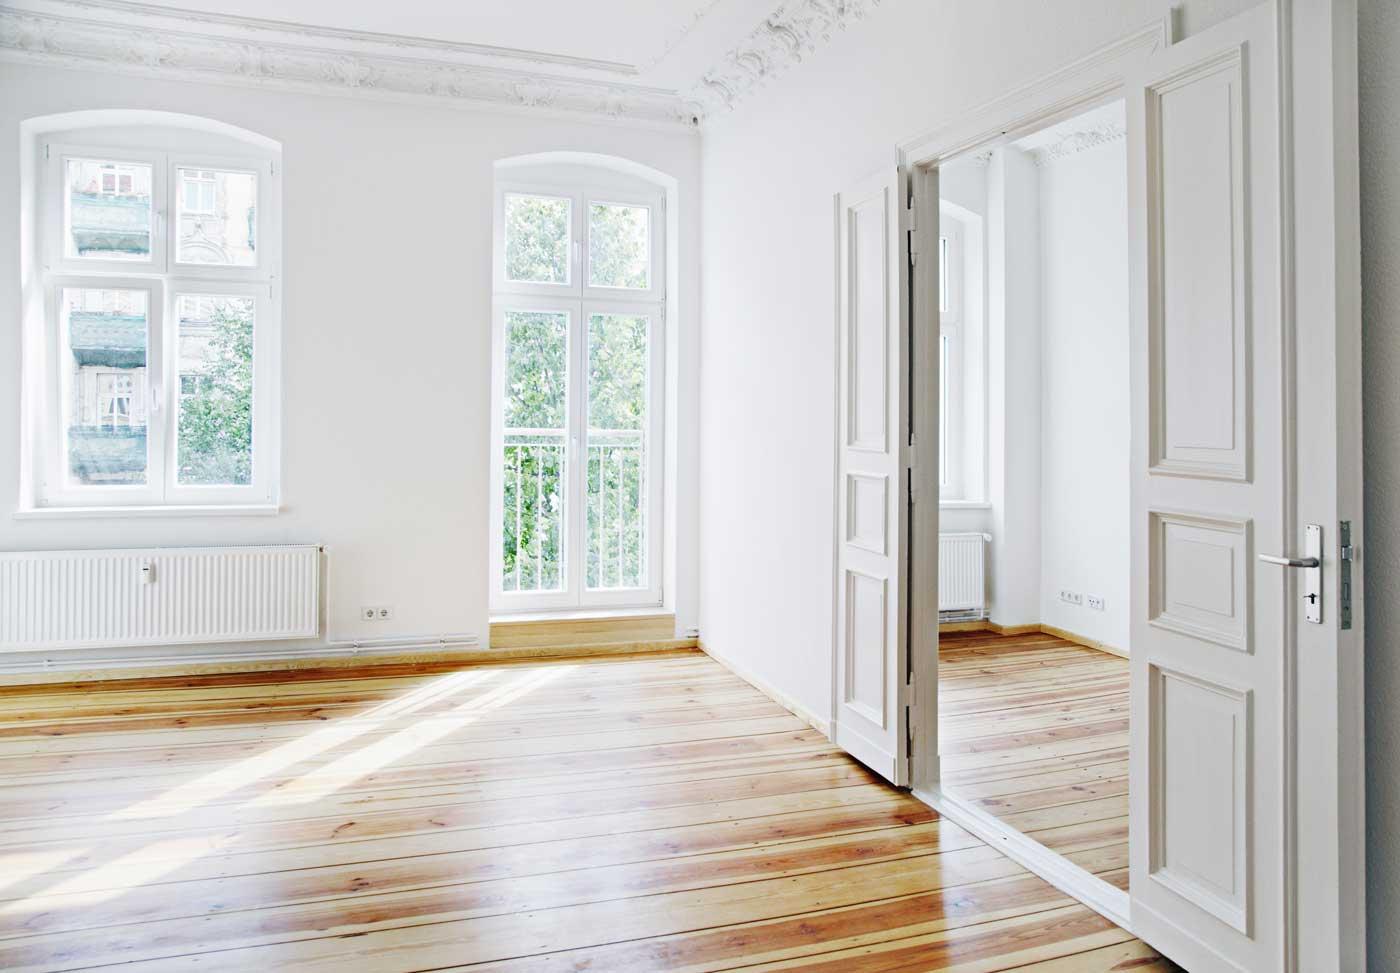 Haushaltsauflösungen und Wohnungsauflösungen